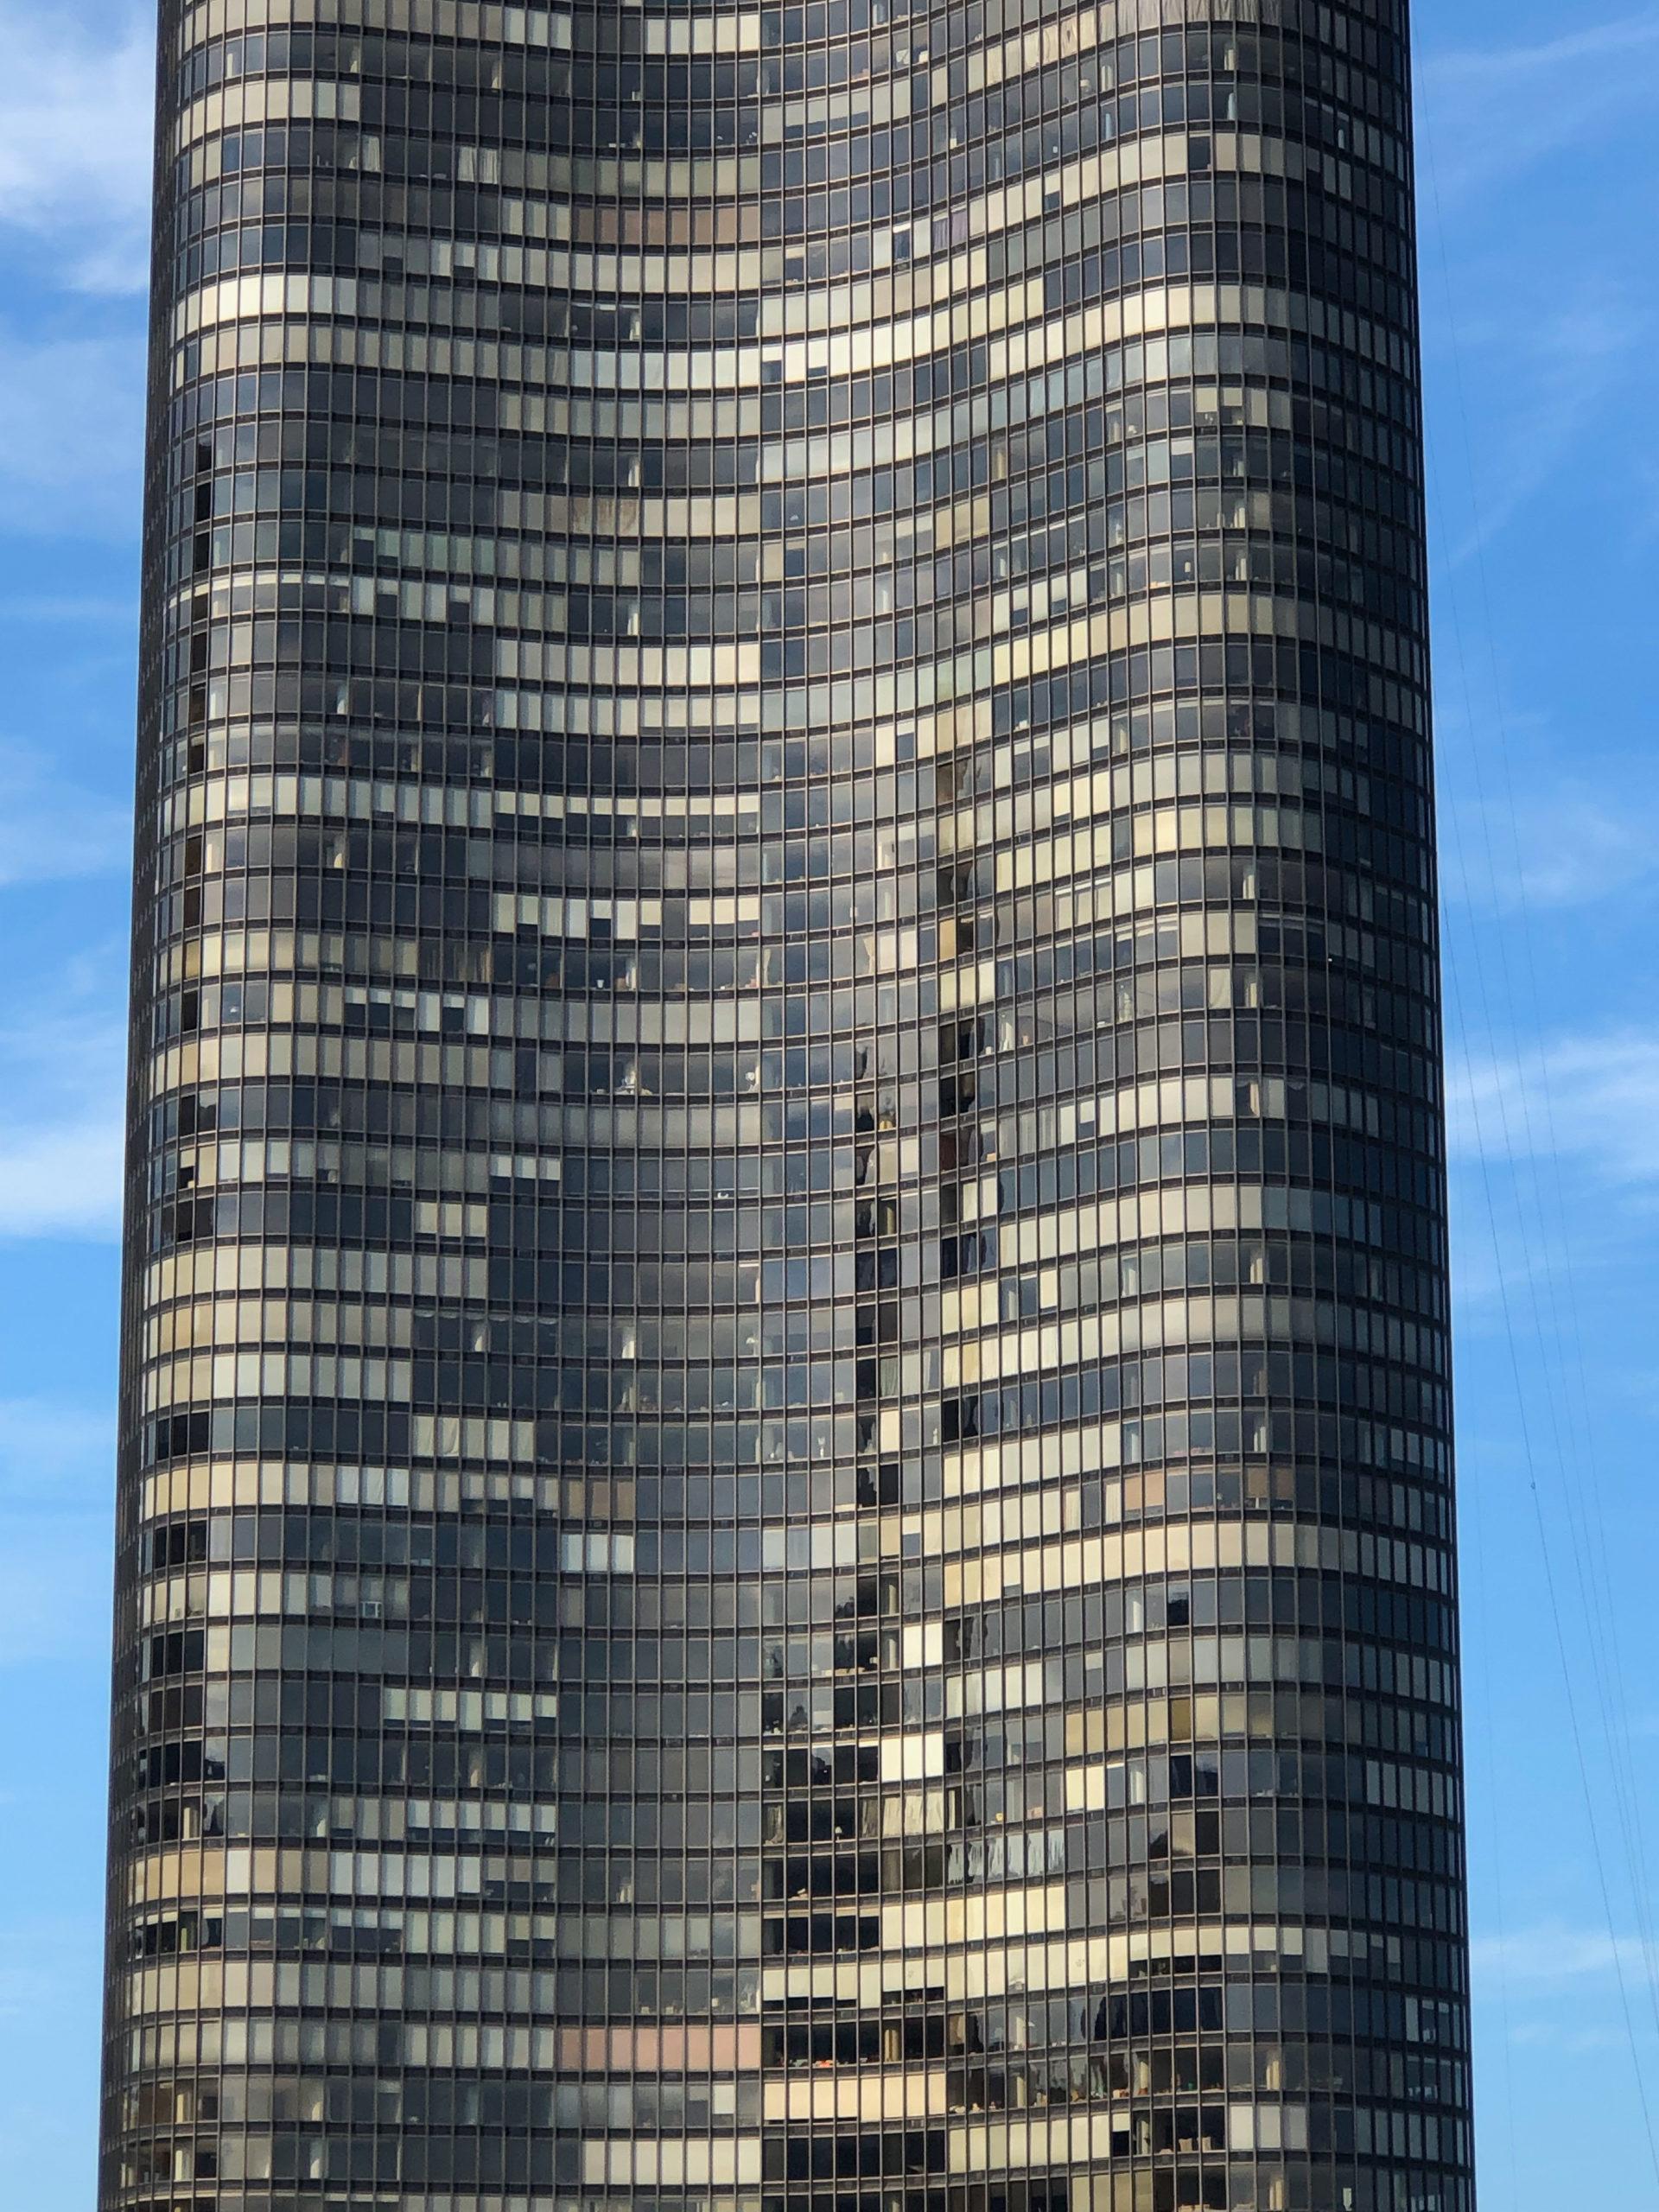 Lake Point Tower in Chicago als Wolkenkratzer mit geschwungener Fassade